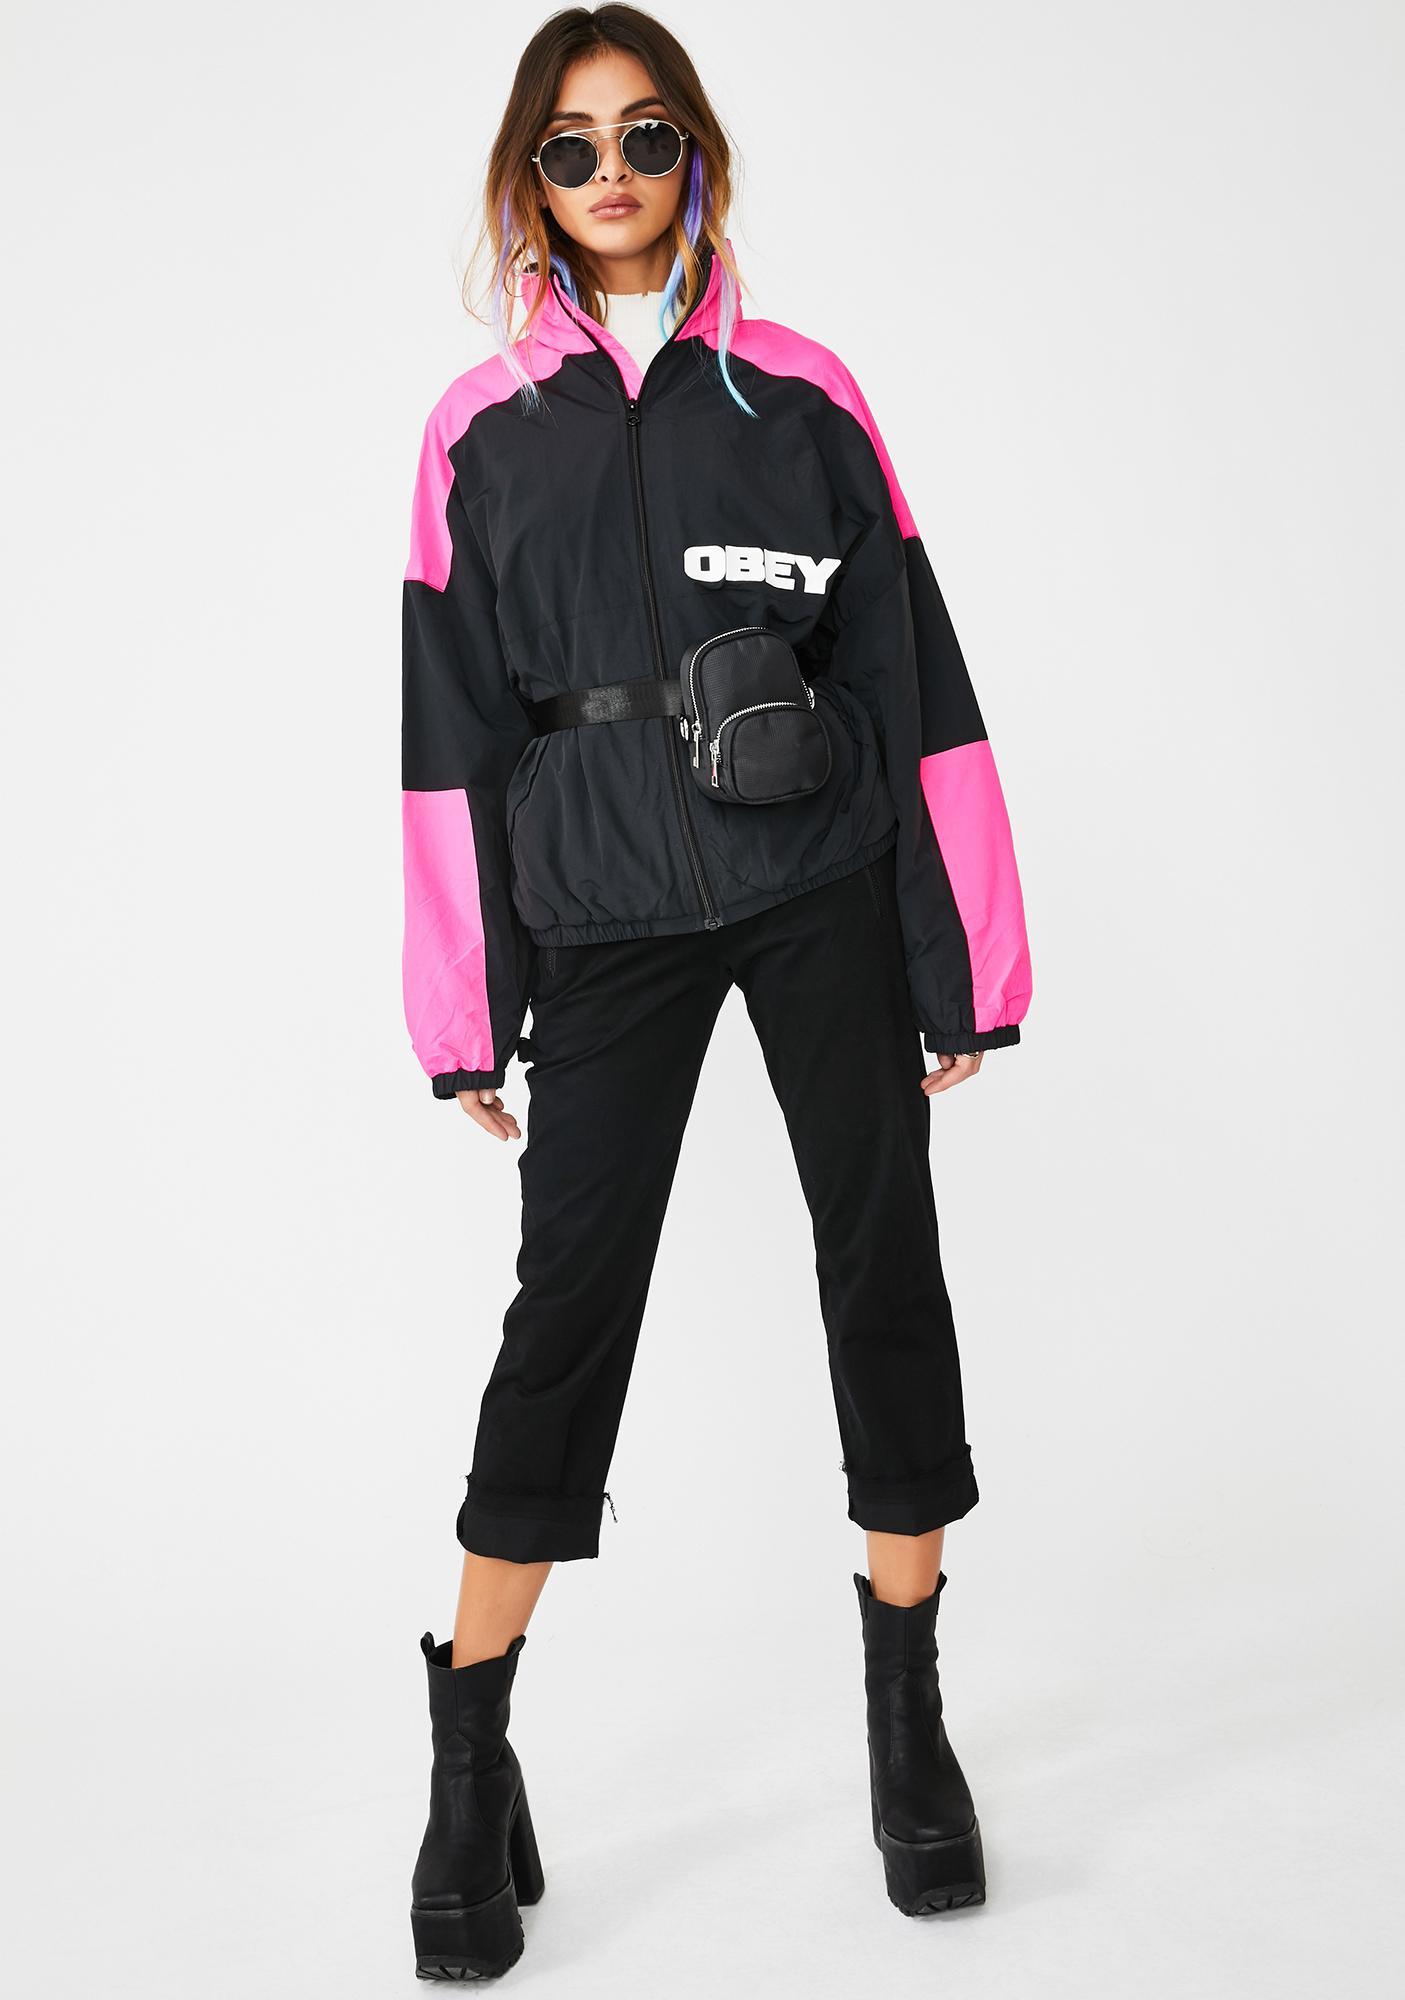 Obey Bruges Oversized Jacket